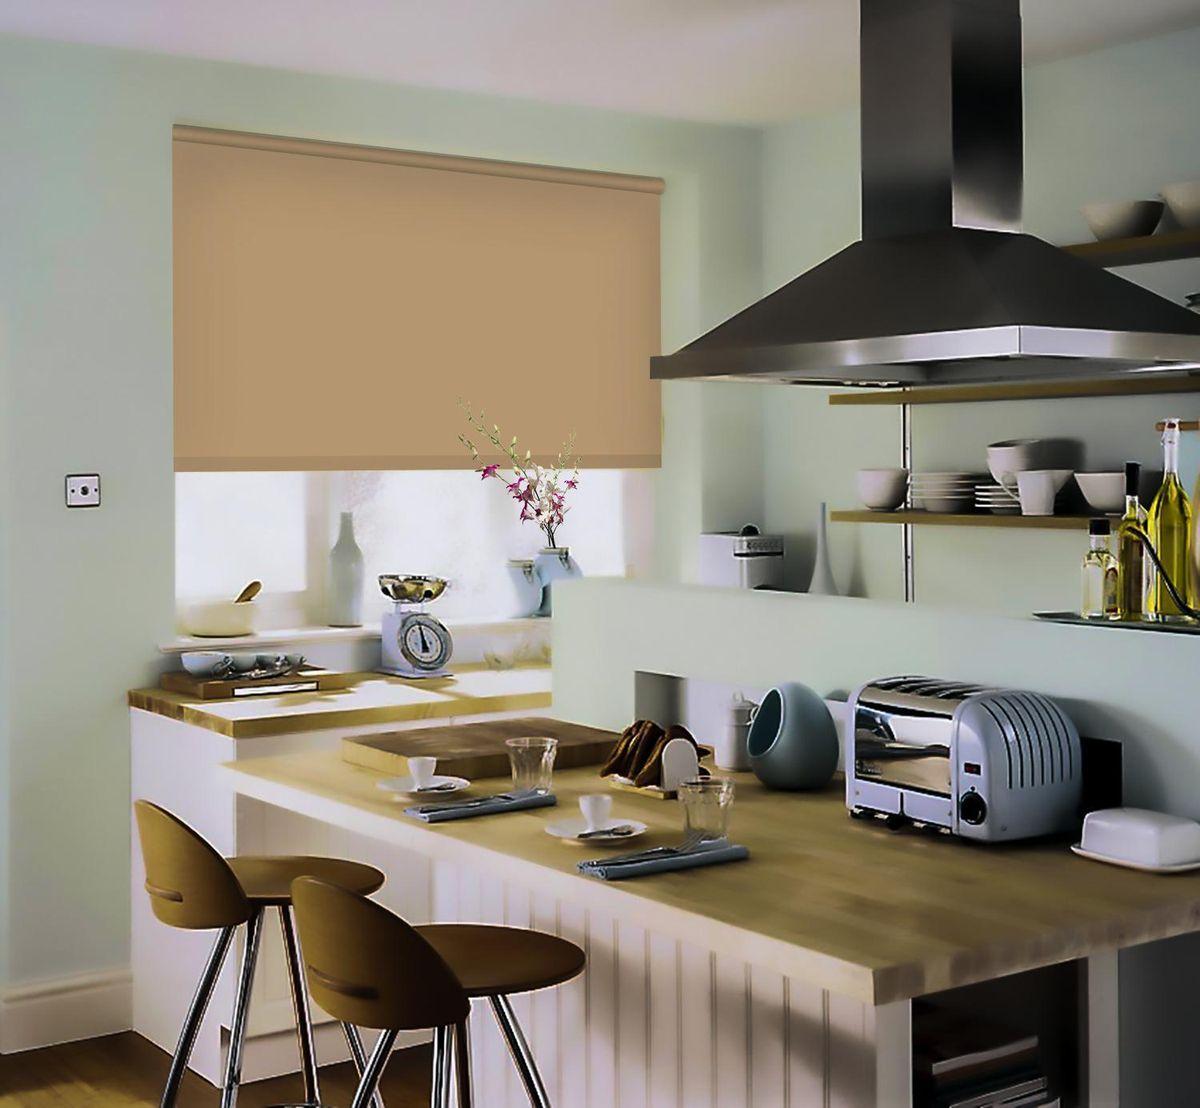 Штора рулонная Эскар, цвет: темно-бежевый, ширина 160 см, высота 170 см81209160170Рулонными шторами можно оформлять окна как самостоятельно, так и использовать в комбинации с портьерами. Это поможет предотвратить выгорание дорогой ткани на солнце и соединит функционал рулонных с красотой навесных.Преимущества применения рулонных штор для пластиковых окон:- имеют прекрасный внешний вид: многообразие и фактурность материала изделия отлично смотрятся в любом интерьере; - многофункциональны: есть возможность подобрать шторы способные эффективно защитить комнату от солнца, при этом о на не будет слишком темной. - Есть возможность осуществить быстрый монтаж. ВНИМАНИЕ! Размеры ширины изделия указаны по ширине ткани!Во время эксплуатации не рекомендуется полностью разматывать рулон, чтобы не оторвать ткань от намоточного вала.В случае загрязнения поверхности ткани, чистку шторы проводят одним из способов, в зависимости от типа загрязнения: легкое поверхностное загрязнение можно удалить при помощи канцелярского ластика; чистка от пыли производится сухим методом при помощи пылесоса с мягкой щеткой-насадкой; для удаления пятна используйте мягкую губку с пенообразующим неагрессивным моющим средством или пятновыводитель на натуральной основе (нельзя применять растворители).